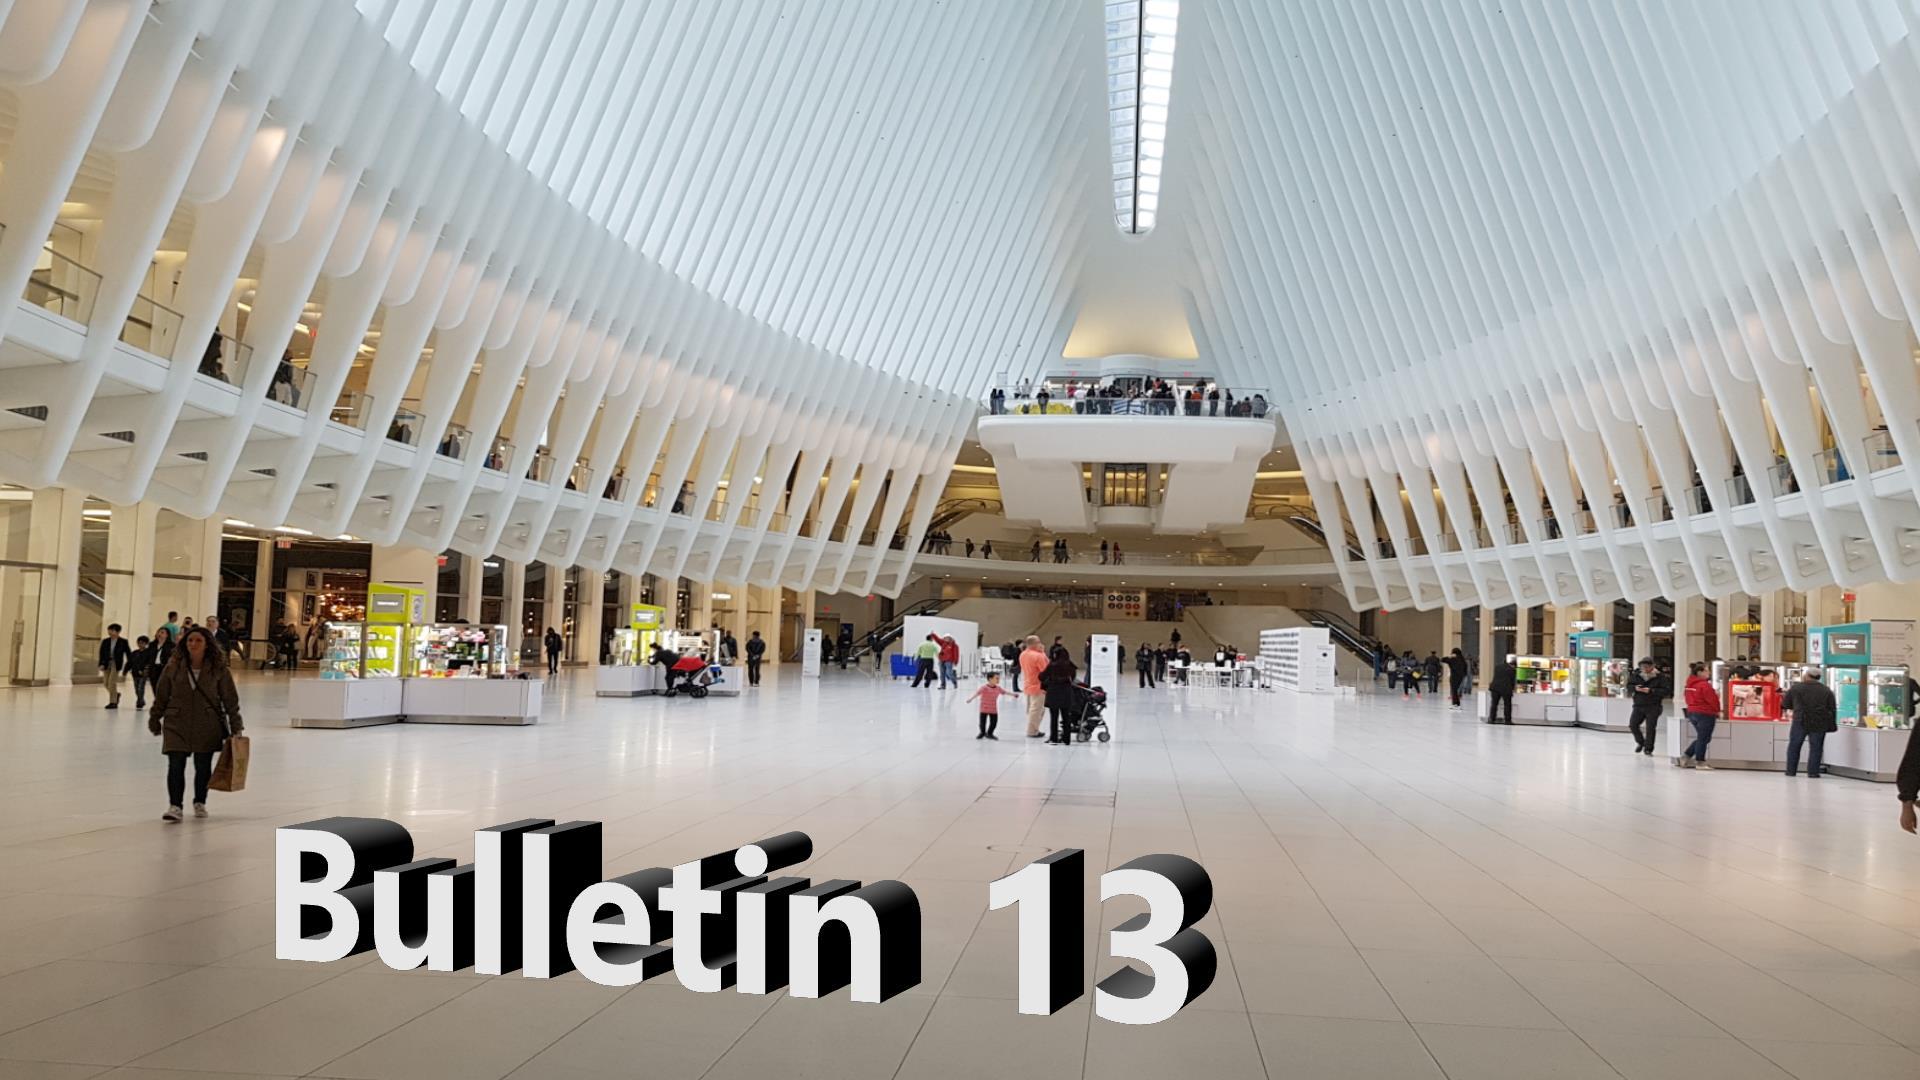 Bulletin 13, June 2